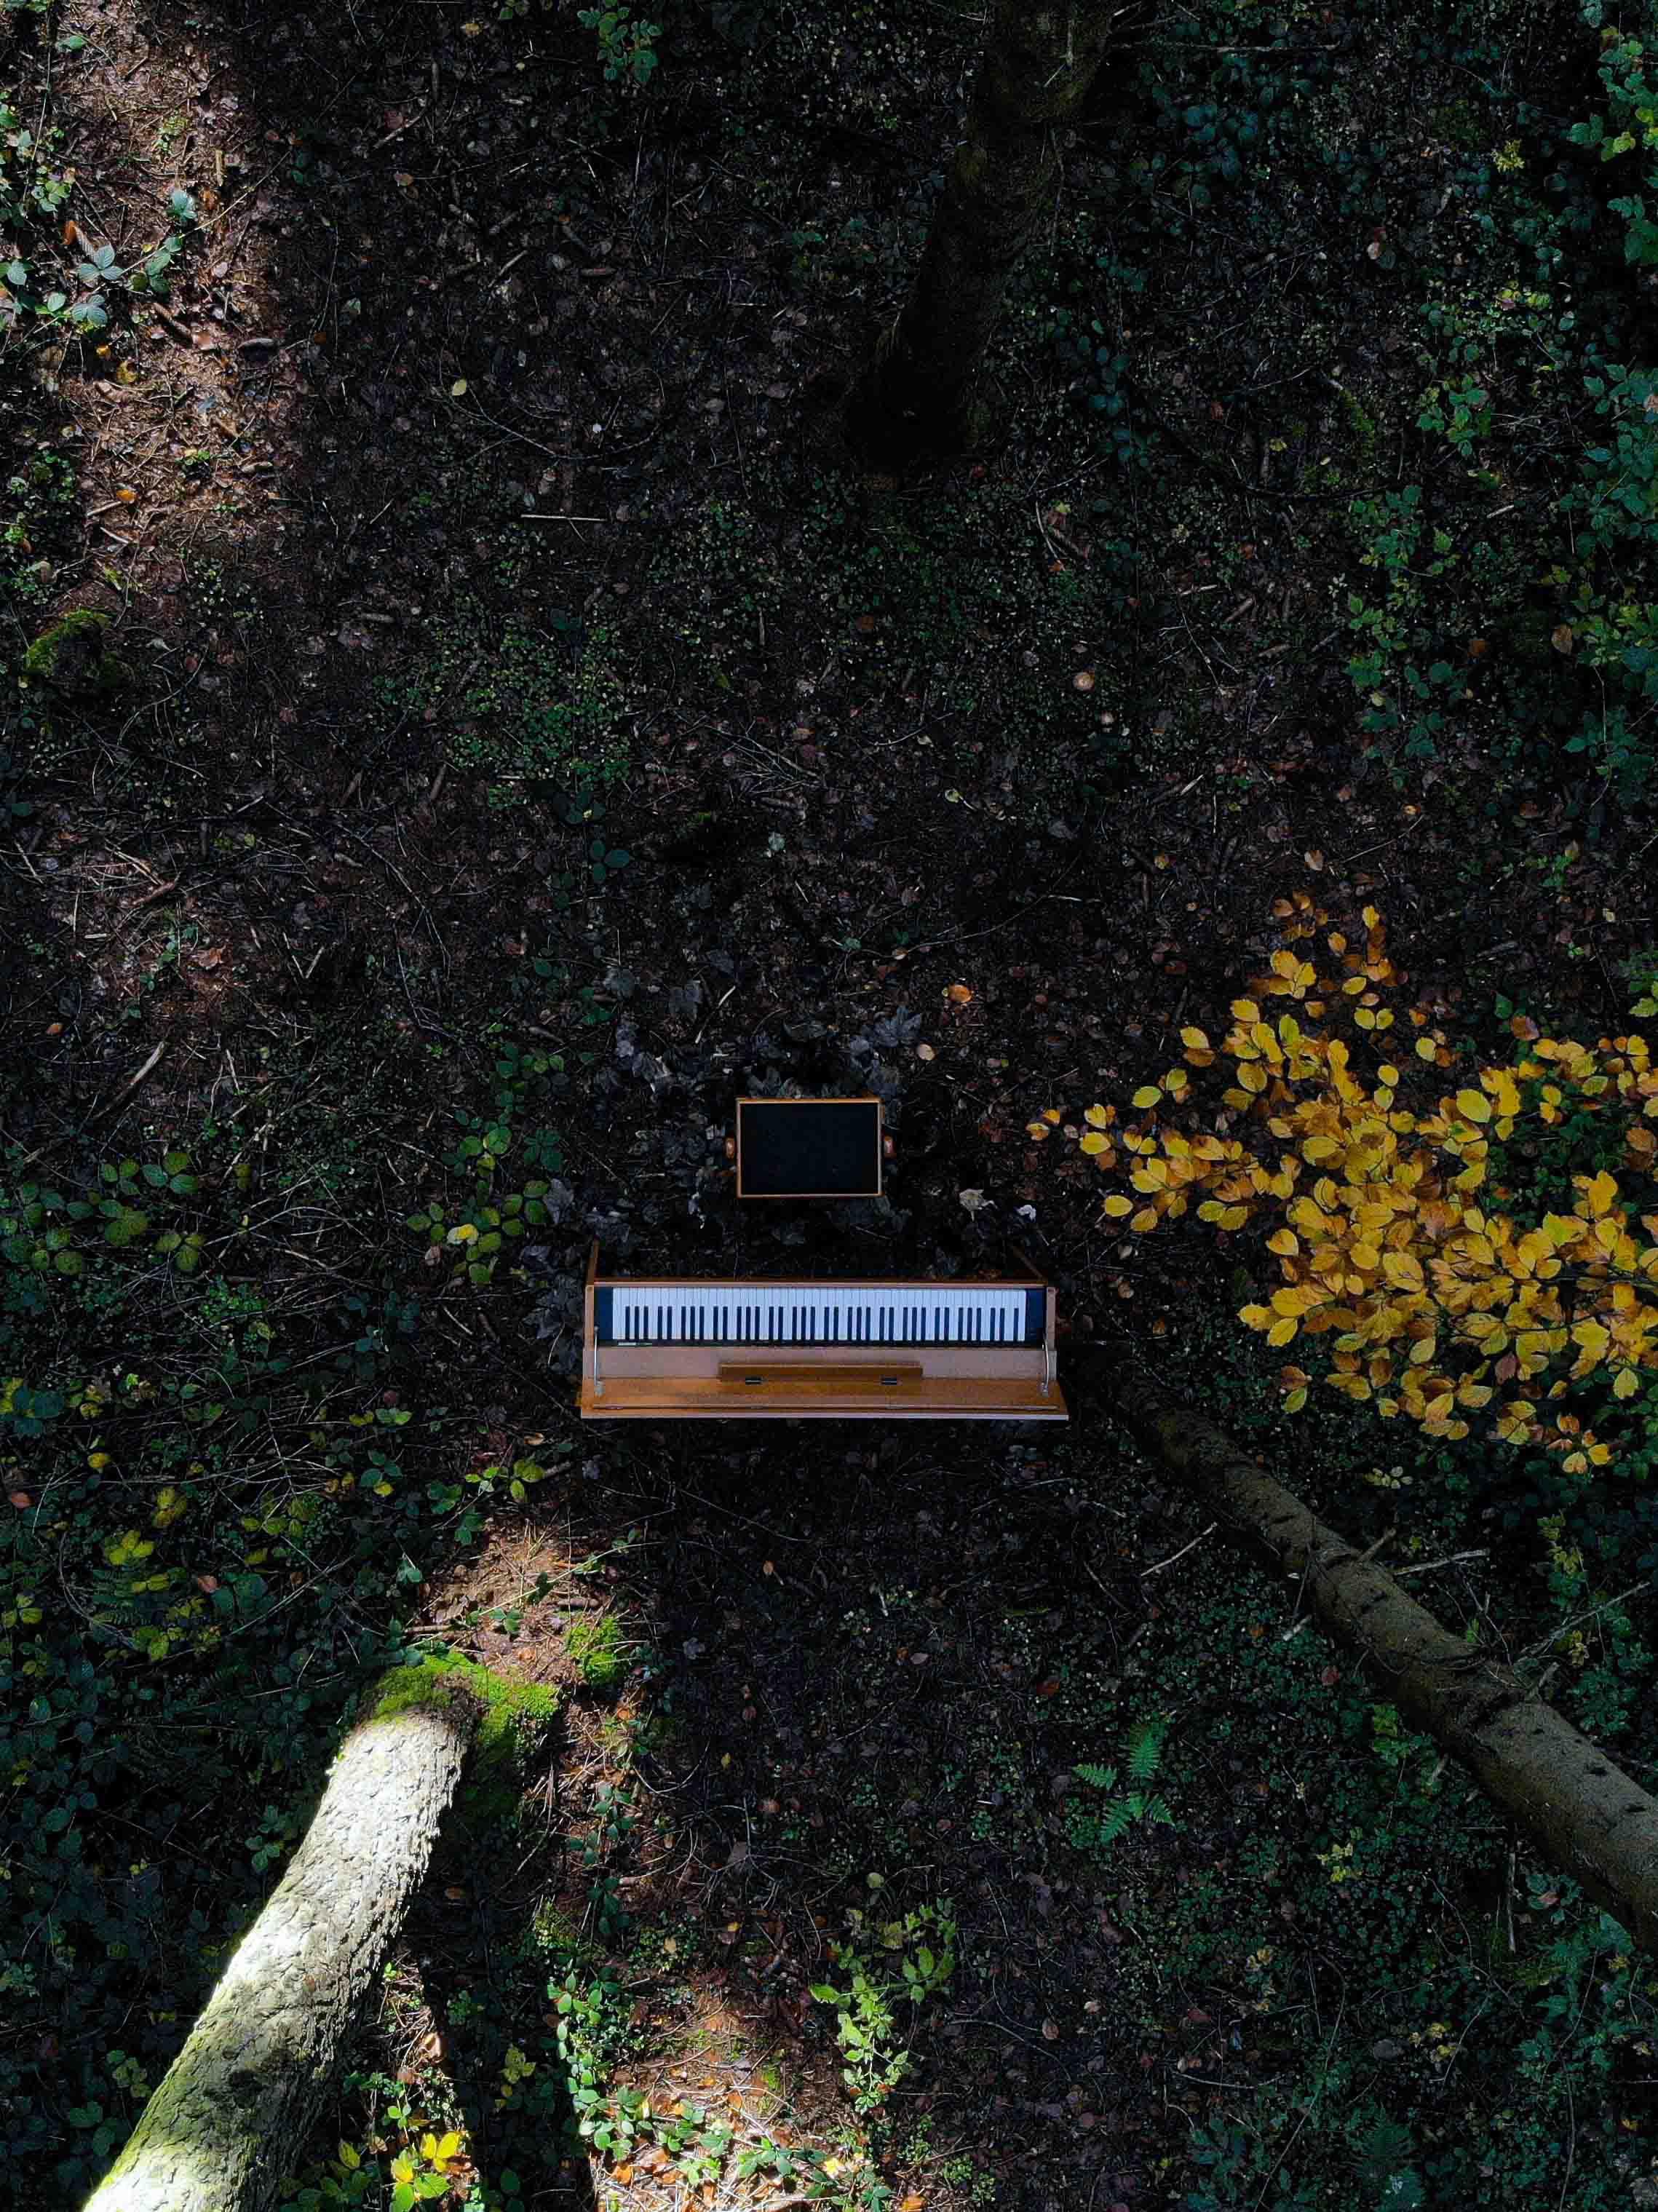 Drohnenaufnahme von einem Klavier im Wald.